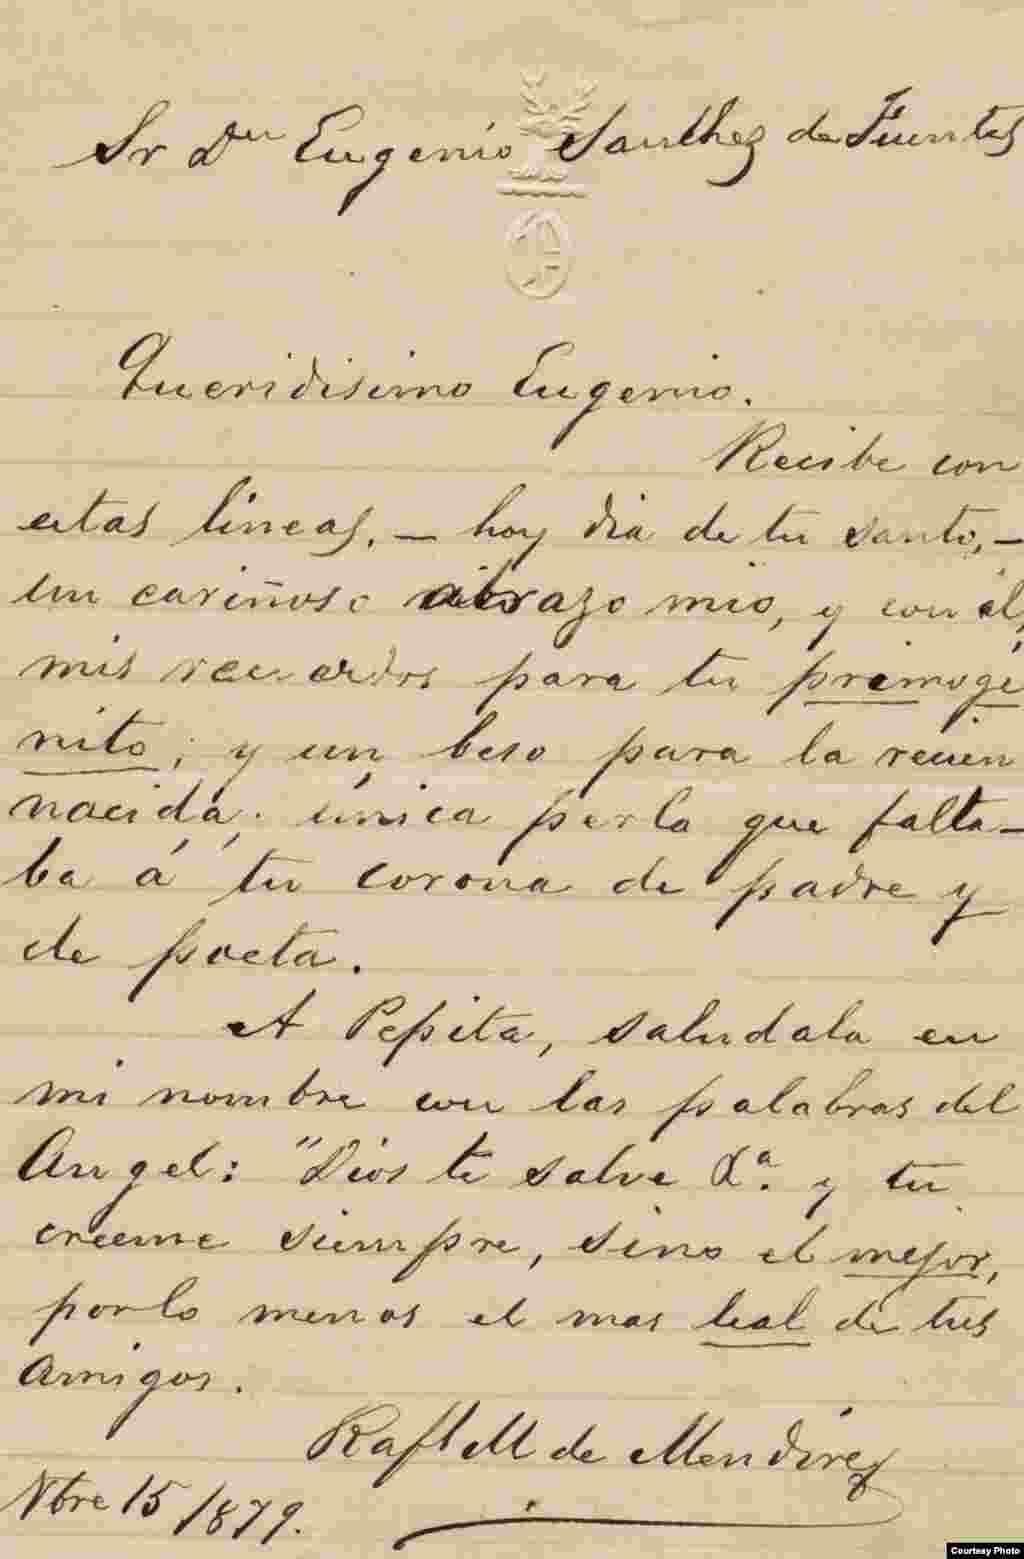 Carta de Rafael María de Mendive a Don Eugenio Sánchez de Fuentes. Cortesía de Orlando González Esteva.